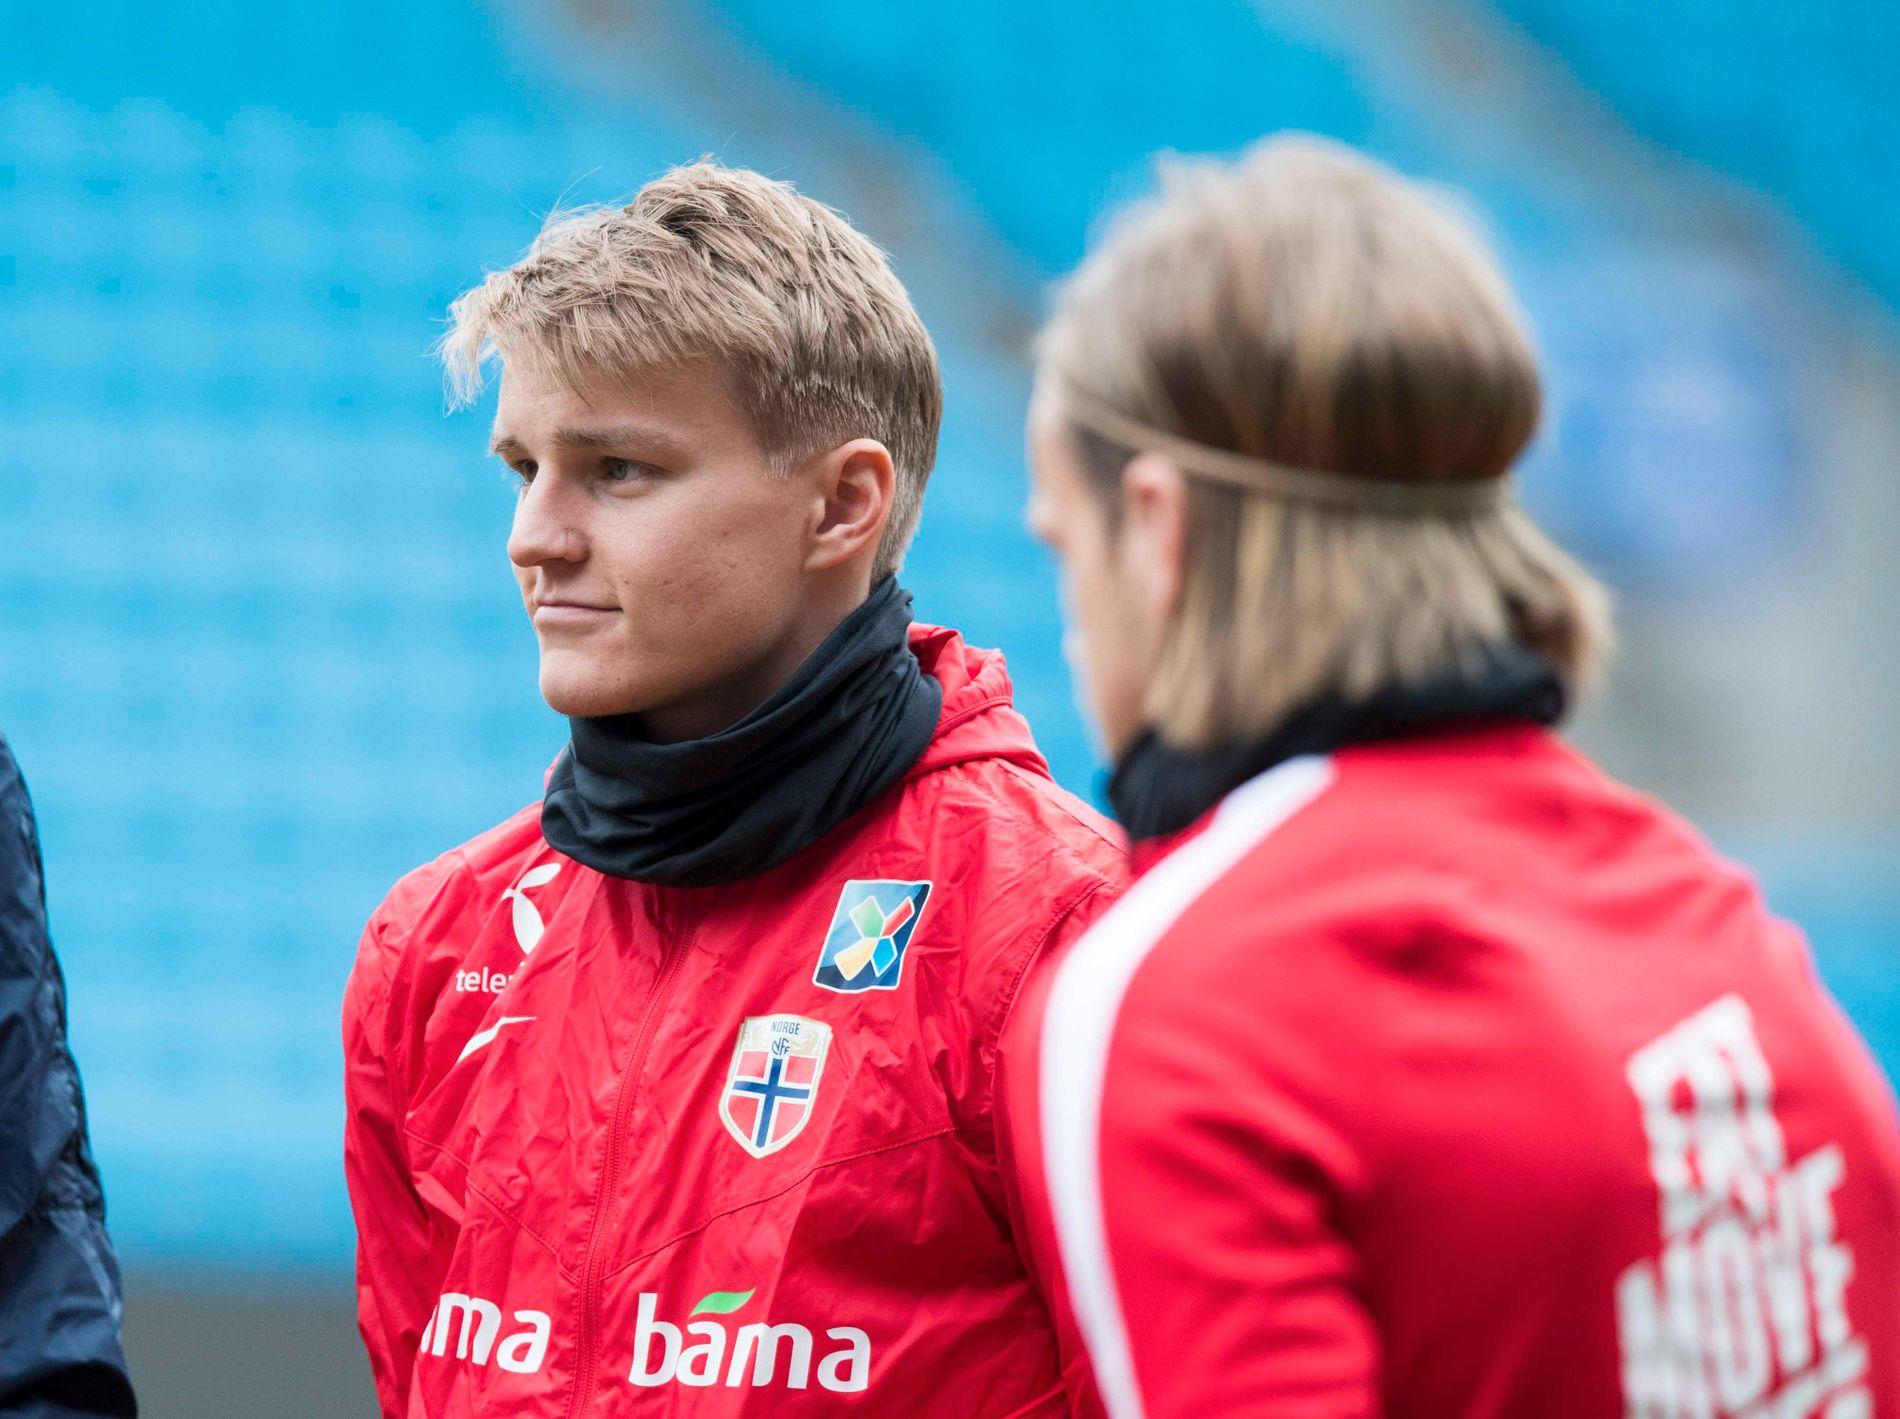 SPILLER LITE: Martin Ødegaard (t.v.) og Iver Fossum er blant landslagsspillerne med minst spilletid før tirsdagens uttak.